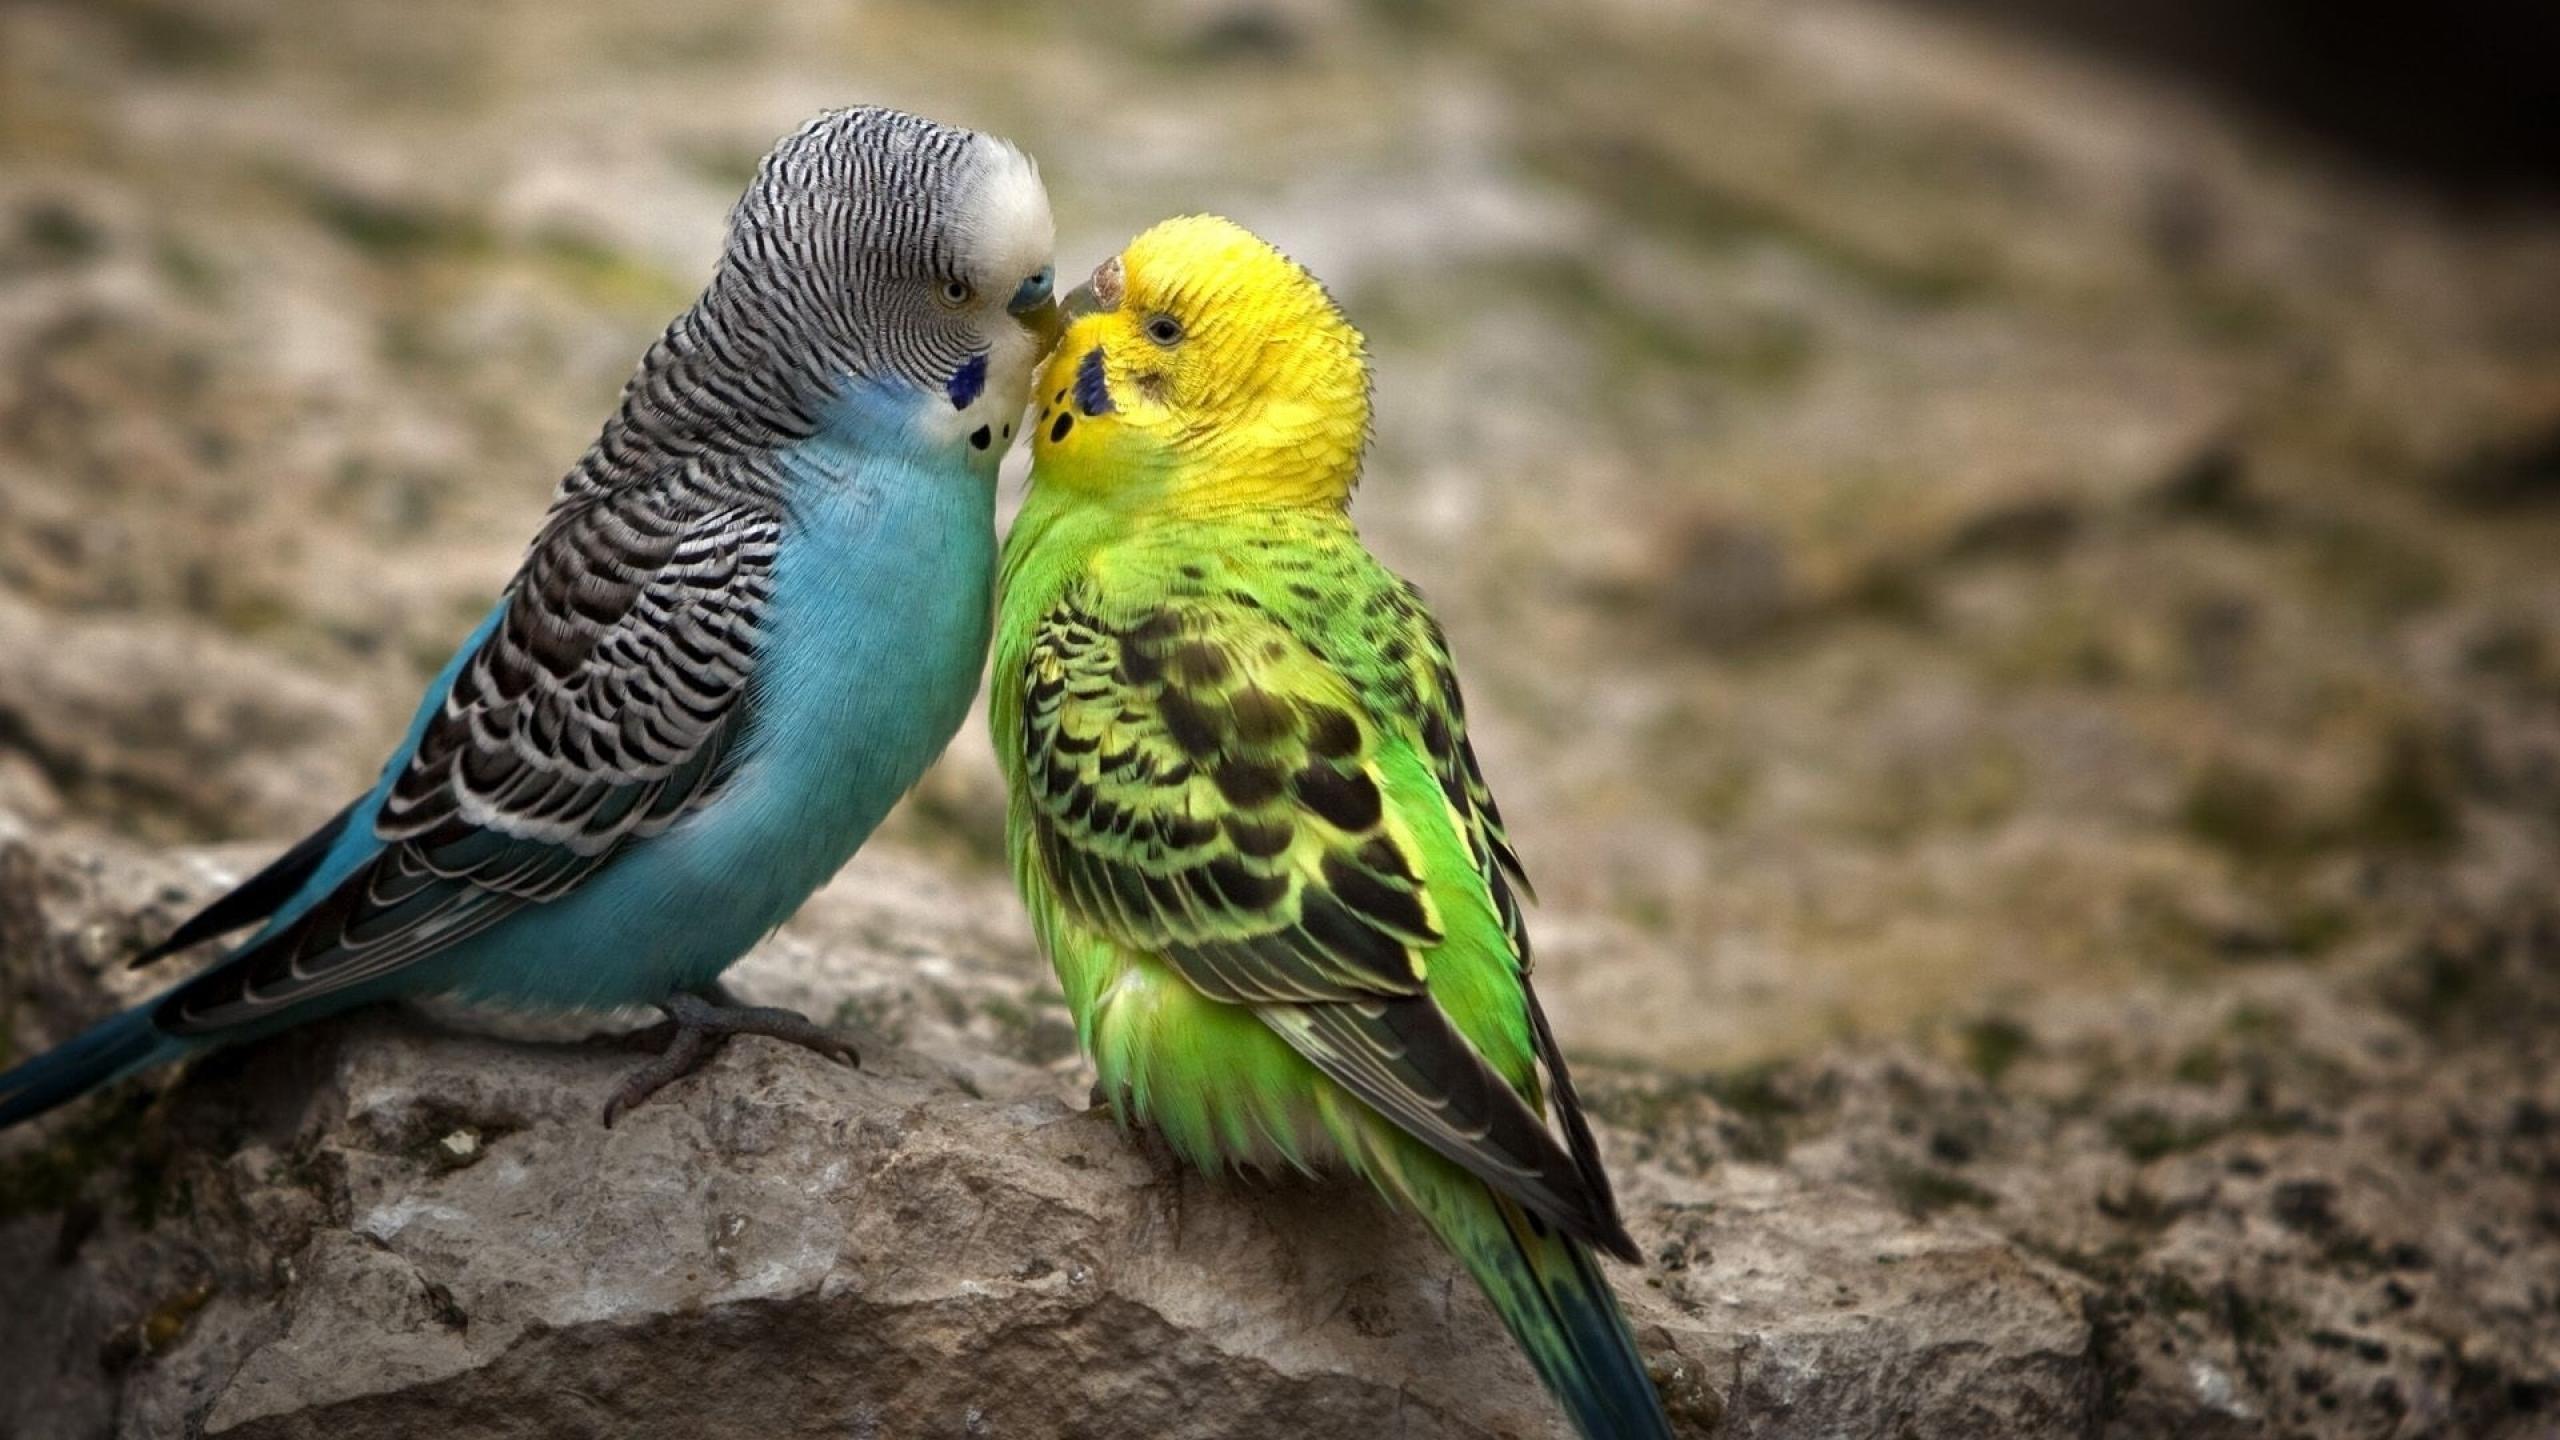 بالصور عصافير الزينة , هذه روائع الصور لعصافير الزينه 2859 11